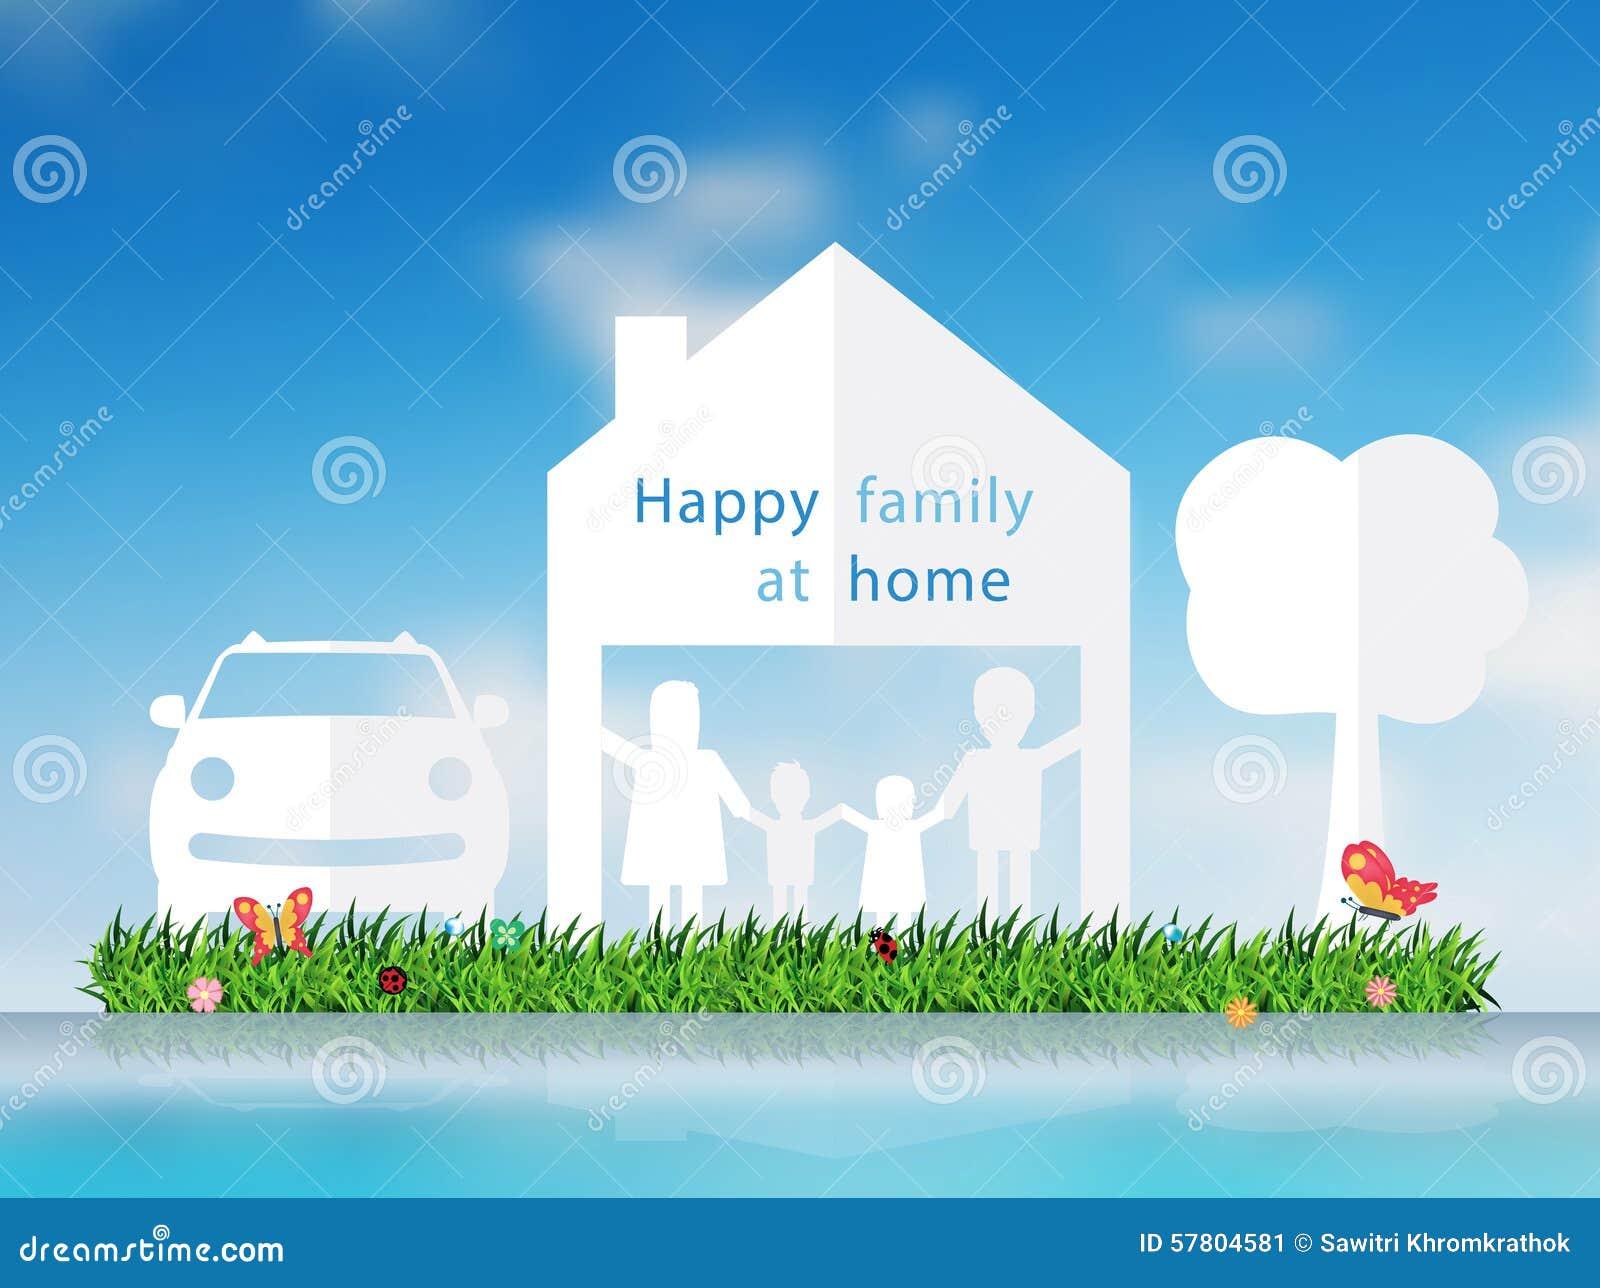 essays happiness family 301 moved permanently nginx/1103 (ubuntu.